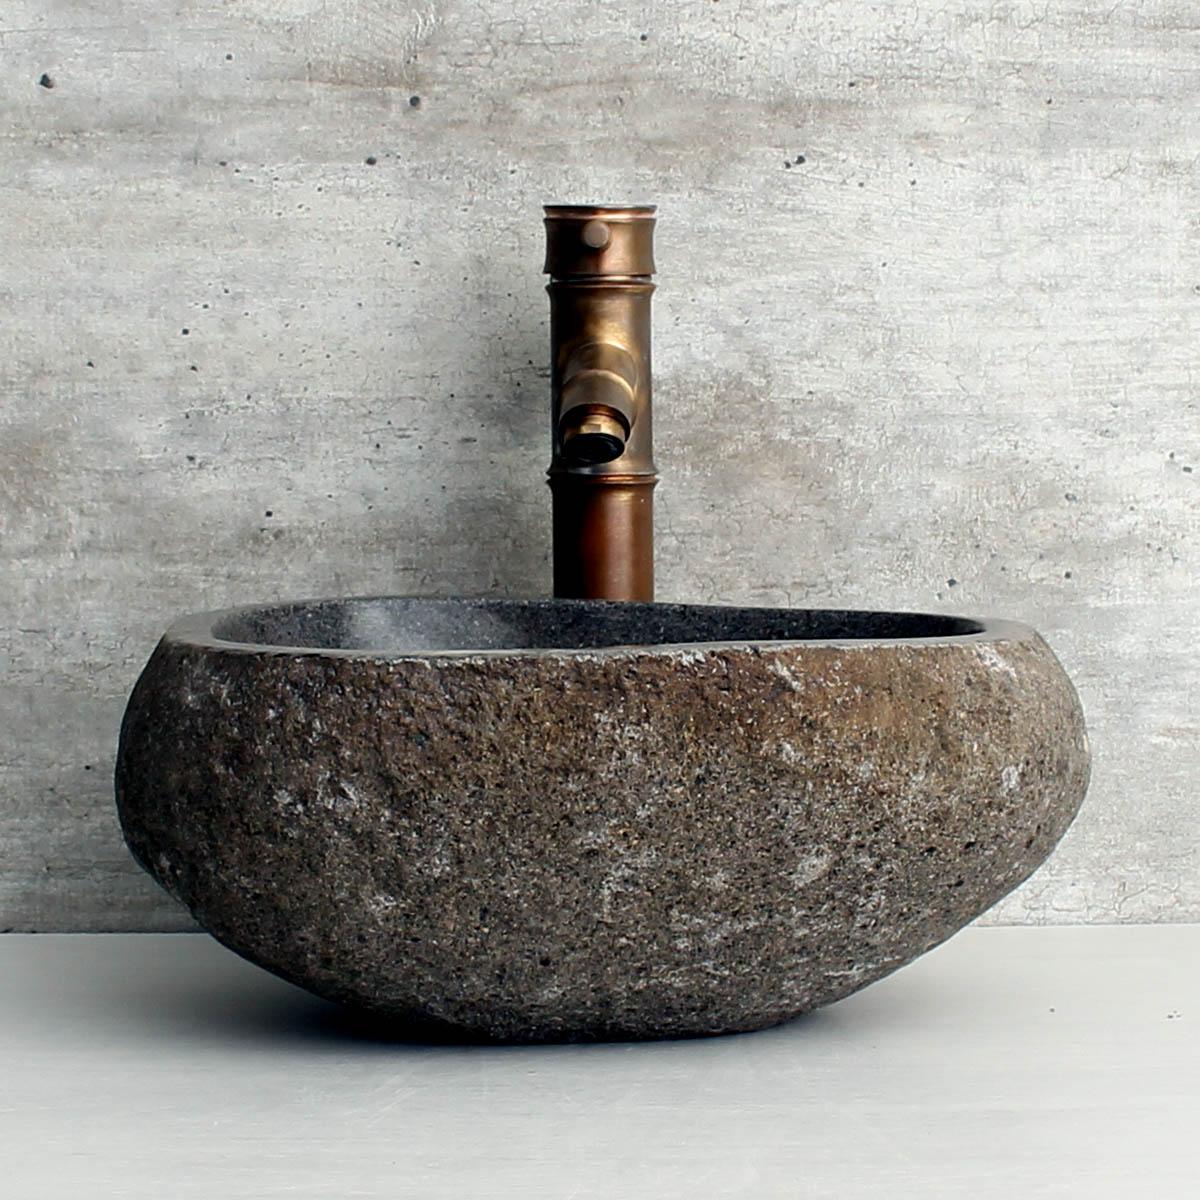 Cuba de Banheiro em Pedra Natural RS1141 35x34x15cm